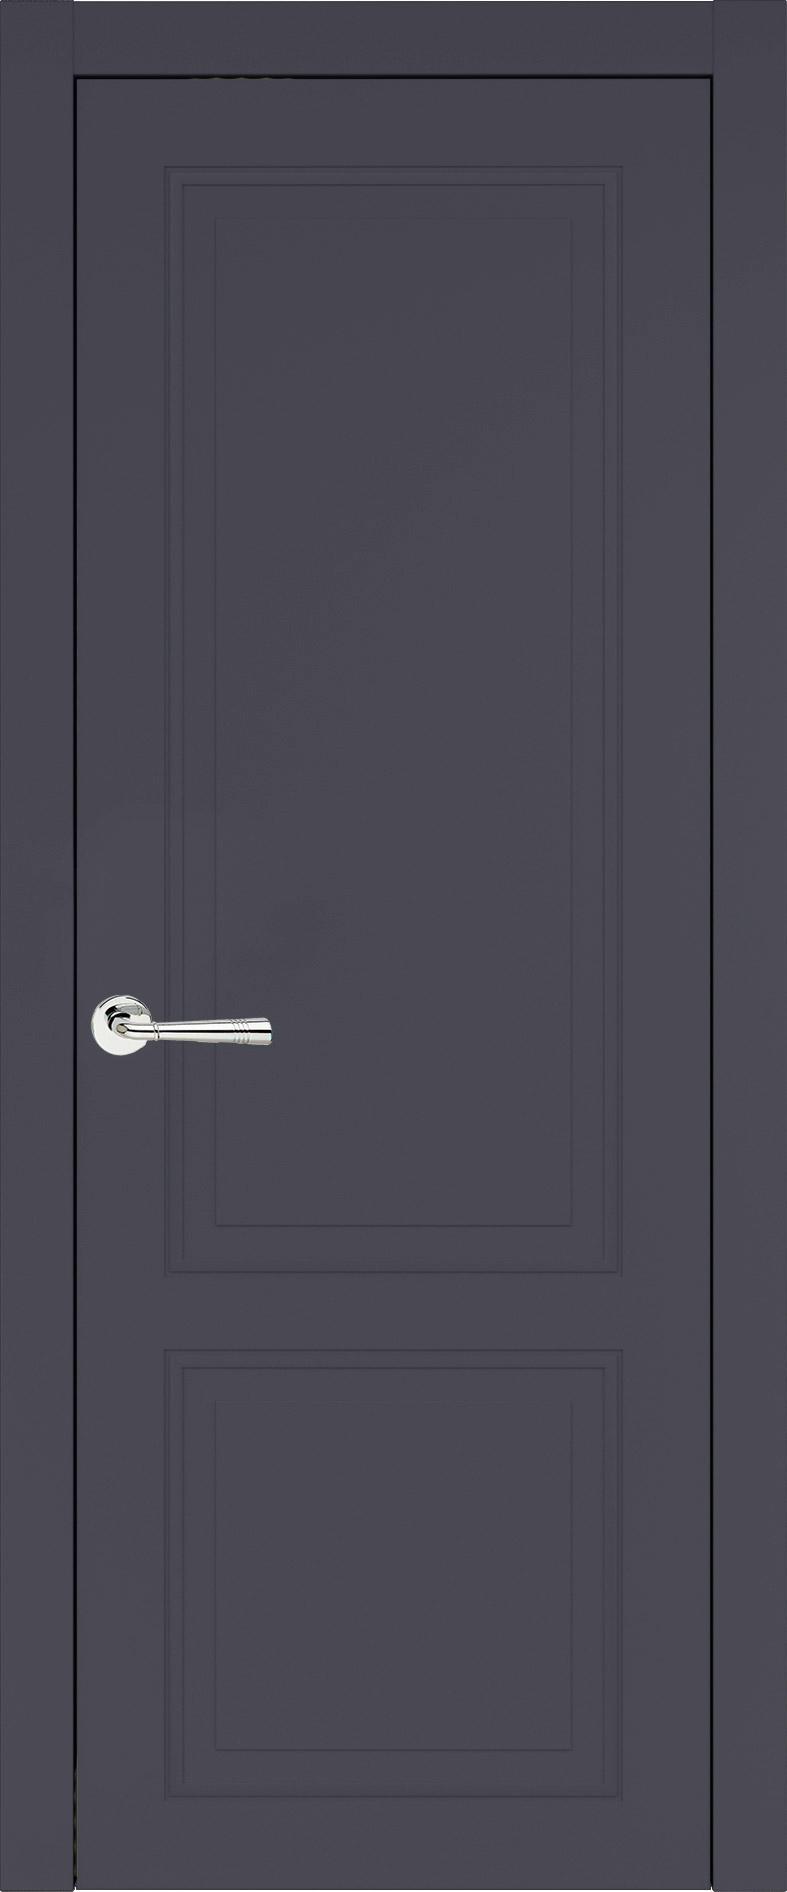 Dinastia Neo Classic цвет - Графитово-серая эмаль (RAL 7024) Без стекла (ДГ)